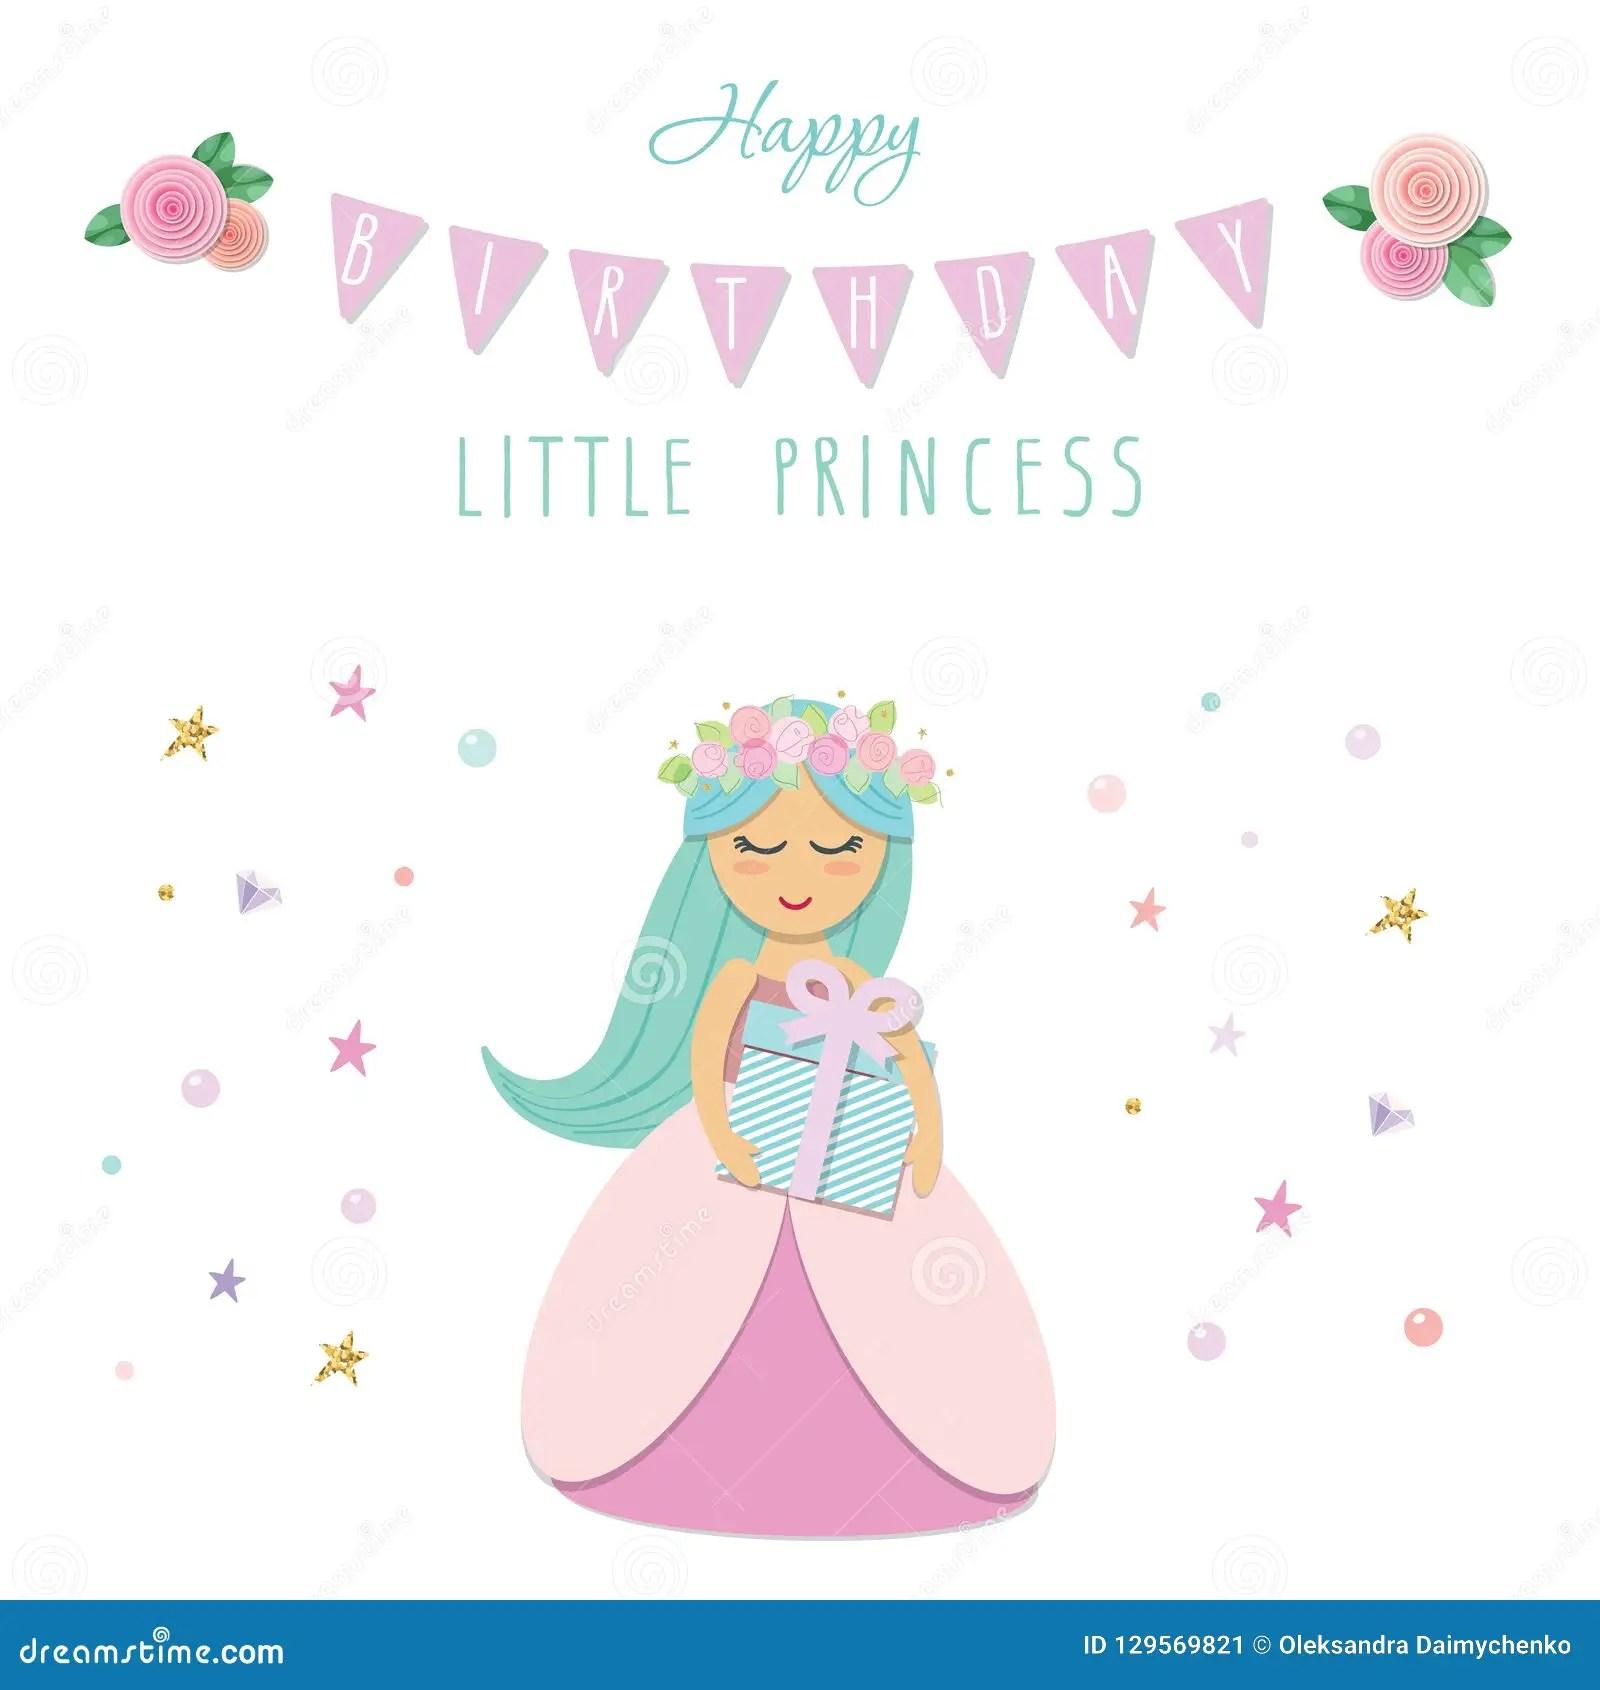 https fr dreamstime com petit calibre mignon carte d anniversaire princesse illustration vecteur image129569821